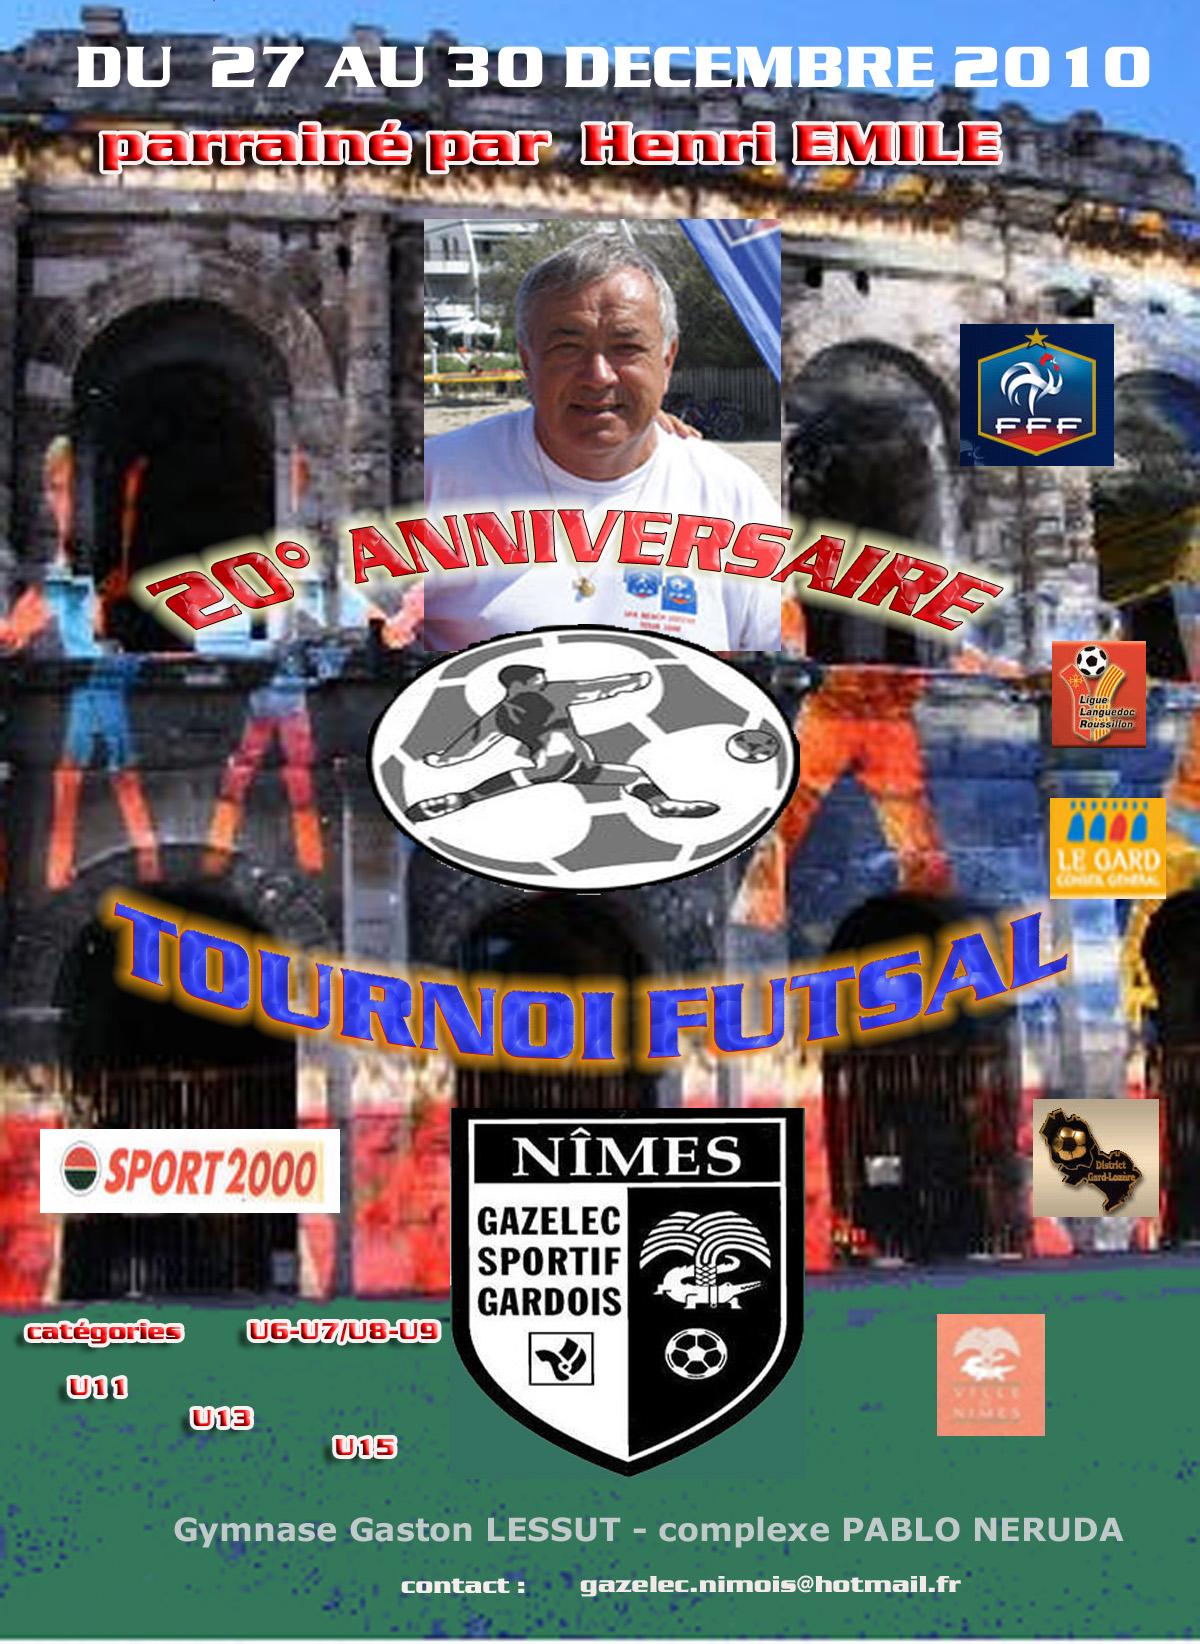 TOURNOI FUTSAL 2010